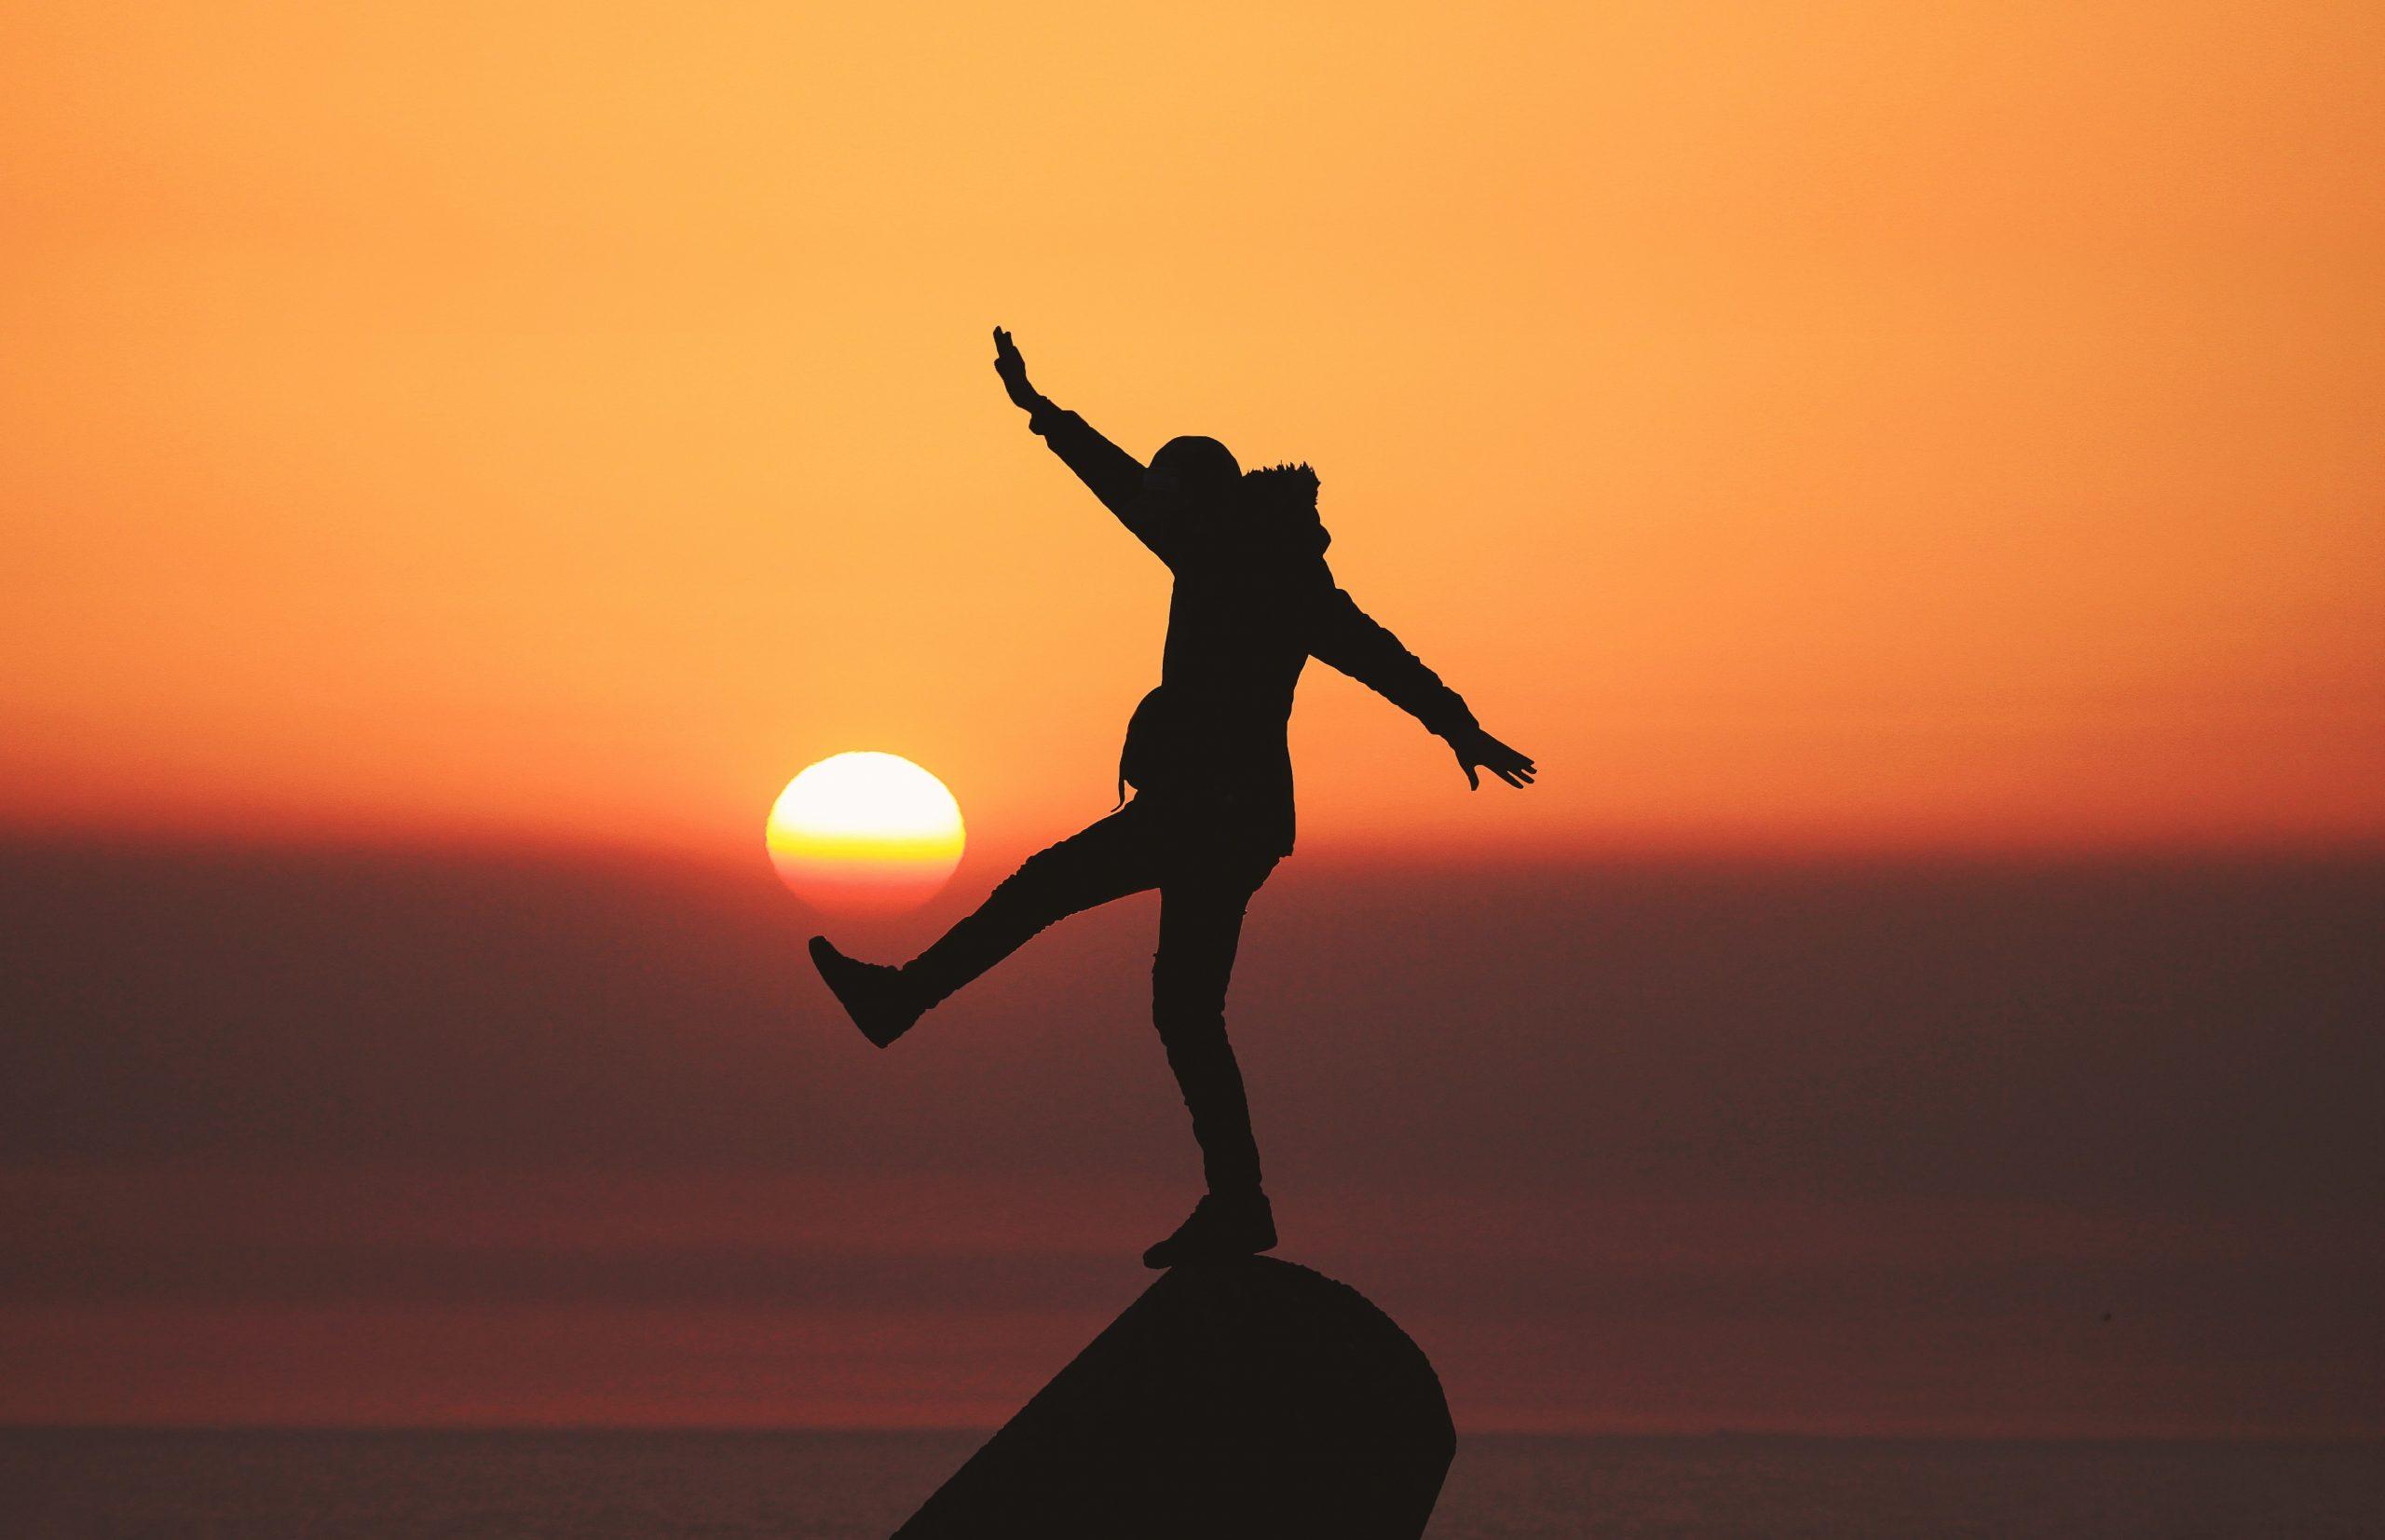 Comment rétablir son équilibre intérieur au lieu de rester déstabilisé par un événement ?